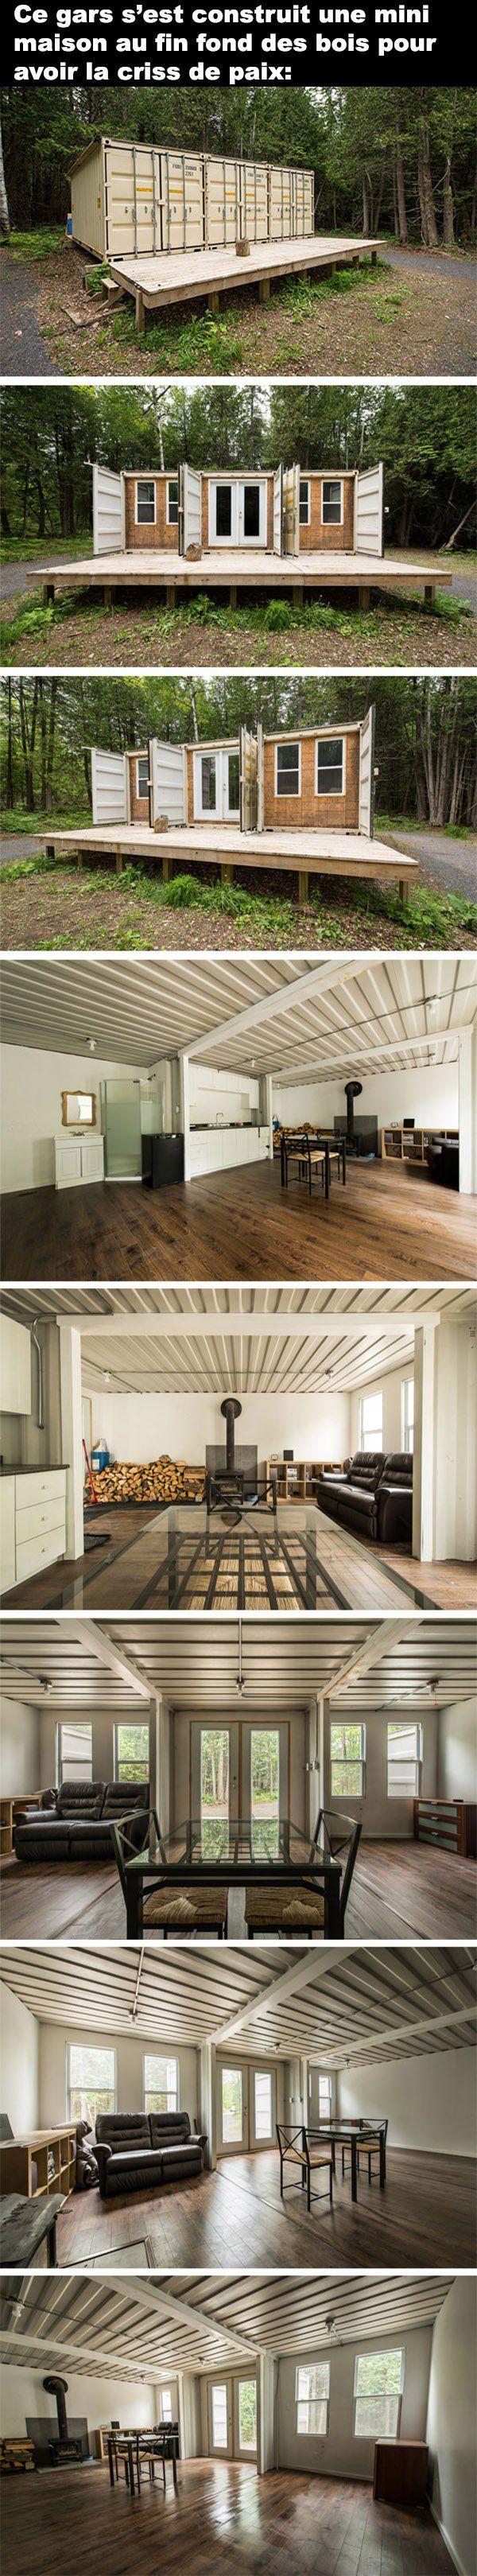 les 25 meilleures id es de la cat gorie mini maison sur pinterest mini cabines mini maisons. Black Bedroom Furniture Sets. Home Design Ideas